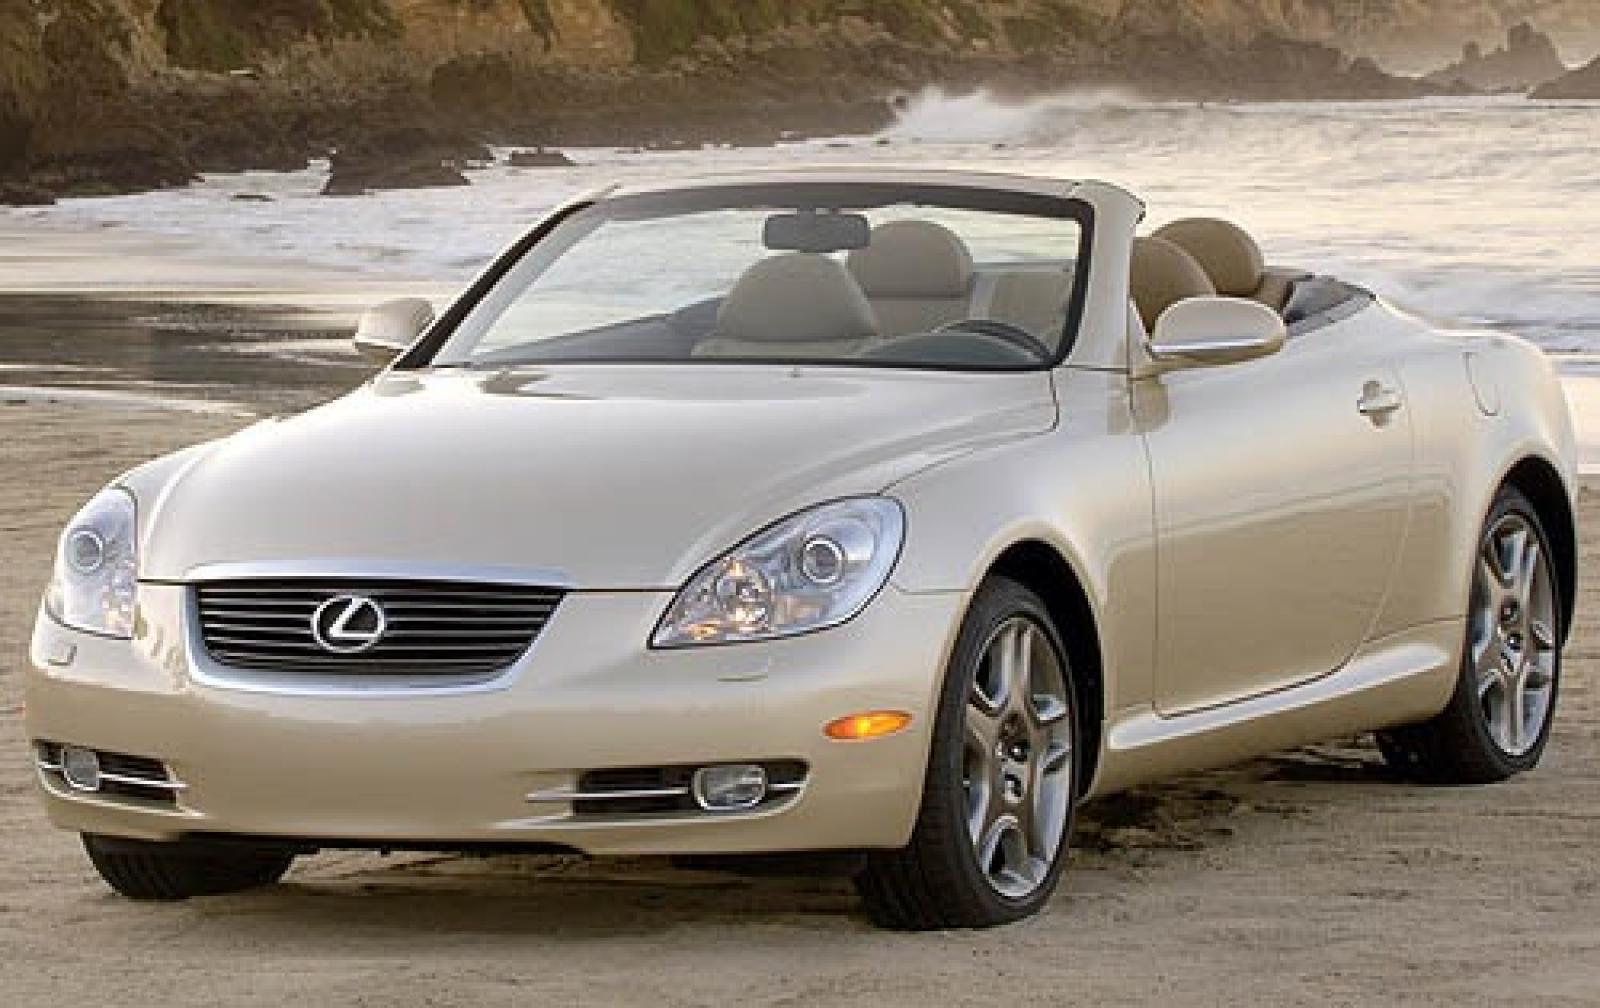 2009 lexus sc 430 1 800 1024 1280 1600 origin